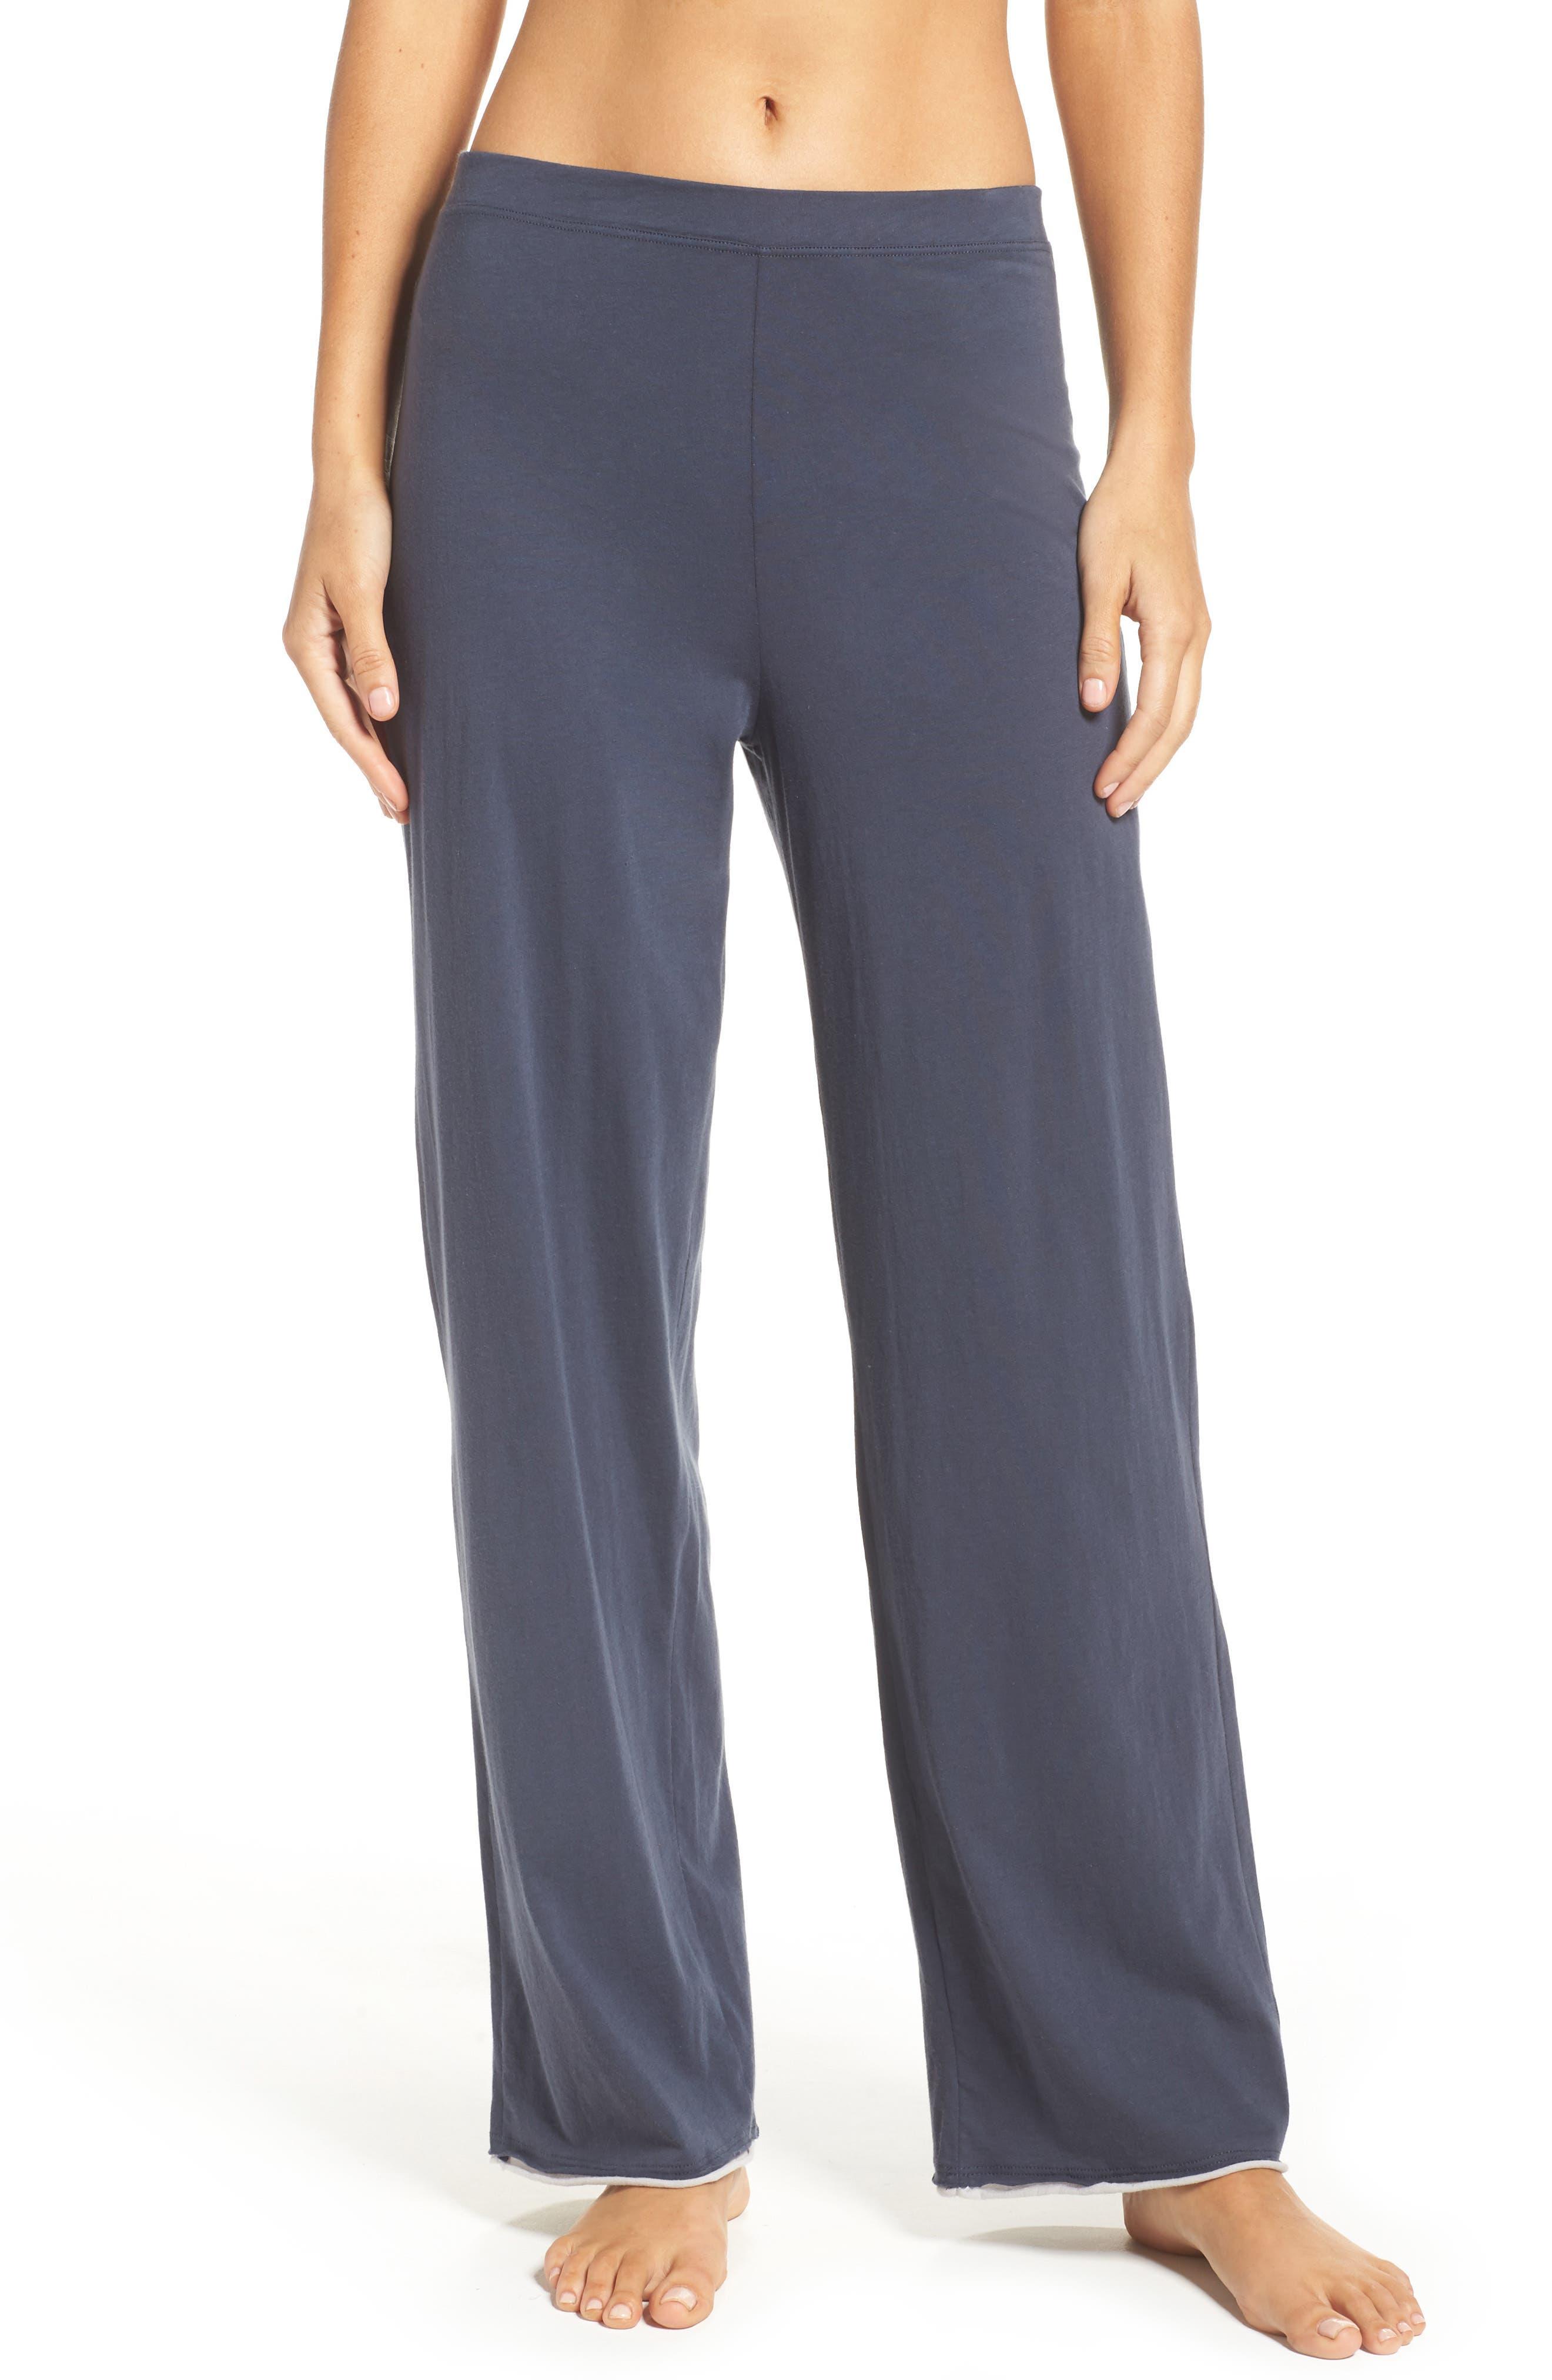 Etta Pima Cotton Pants,                         Main,                         color, Anchor Blue Cloud